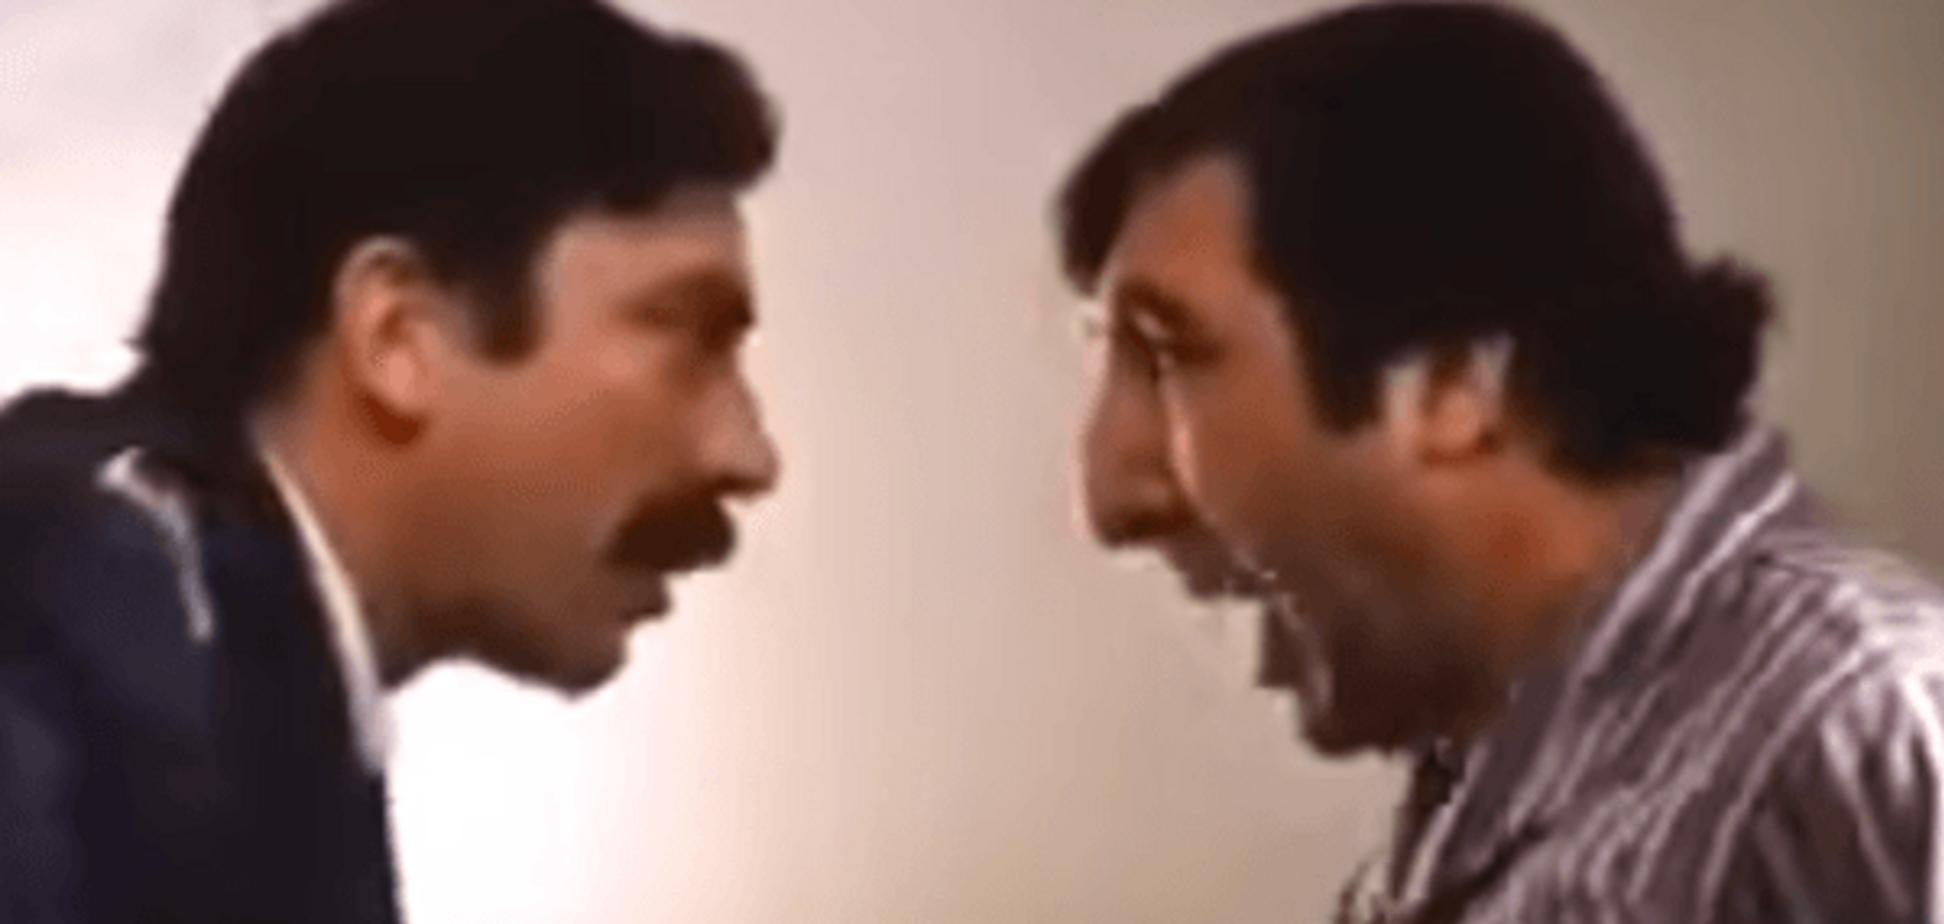 У мережі з'явилося 'альтернативне відео' перепалки Авакова і Саакашвілі